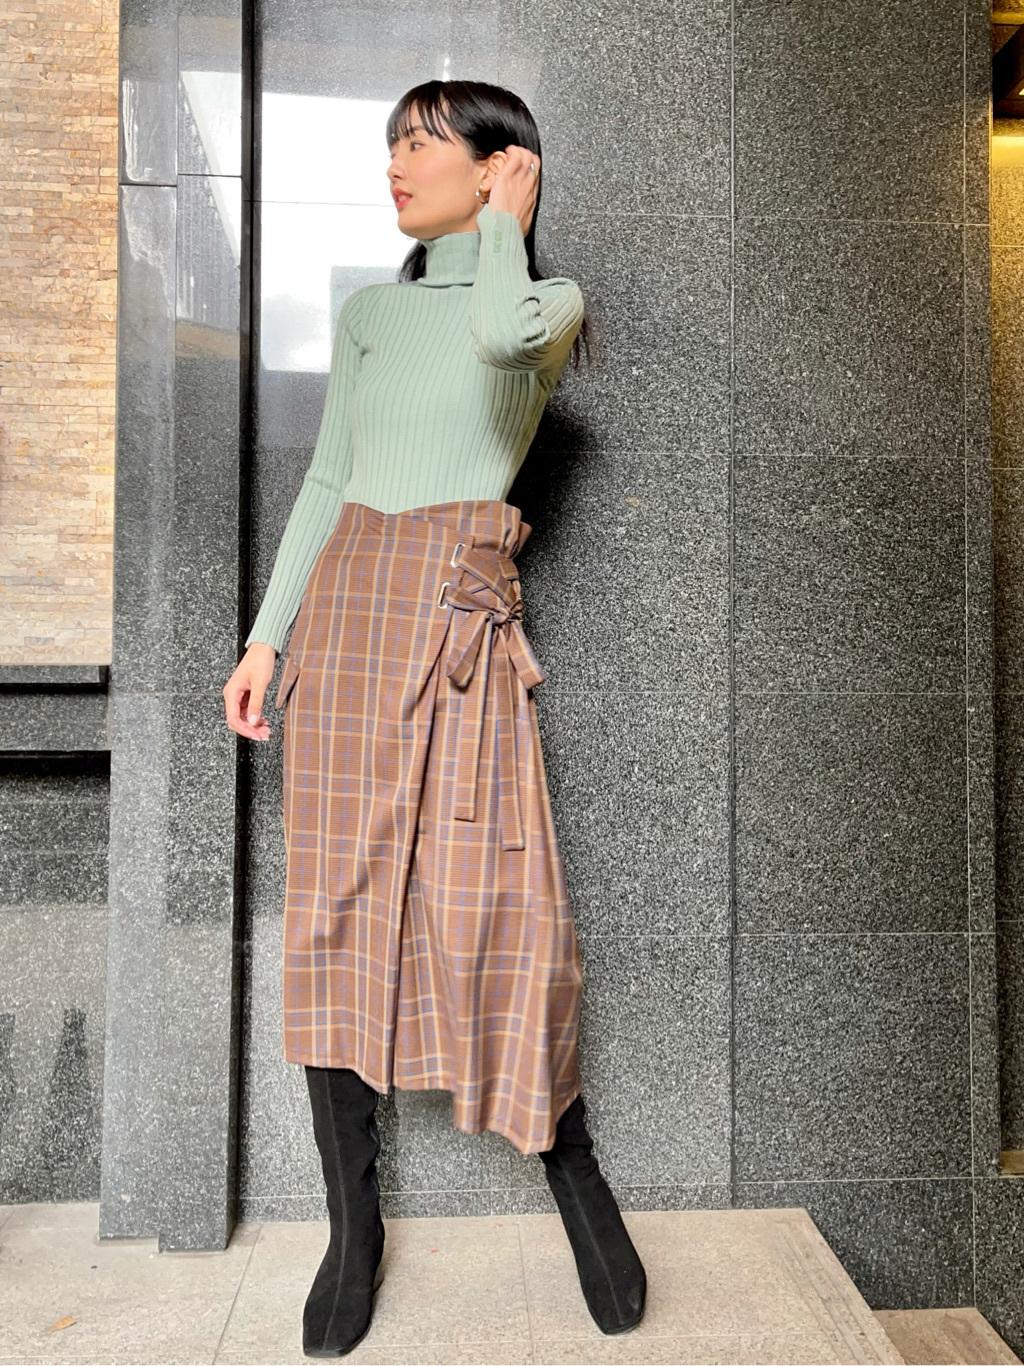 羊毛絲絹羅紋高領上衣